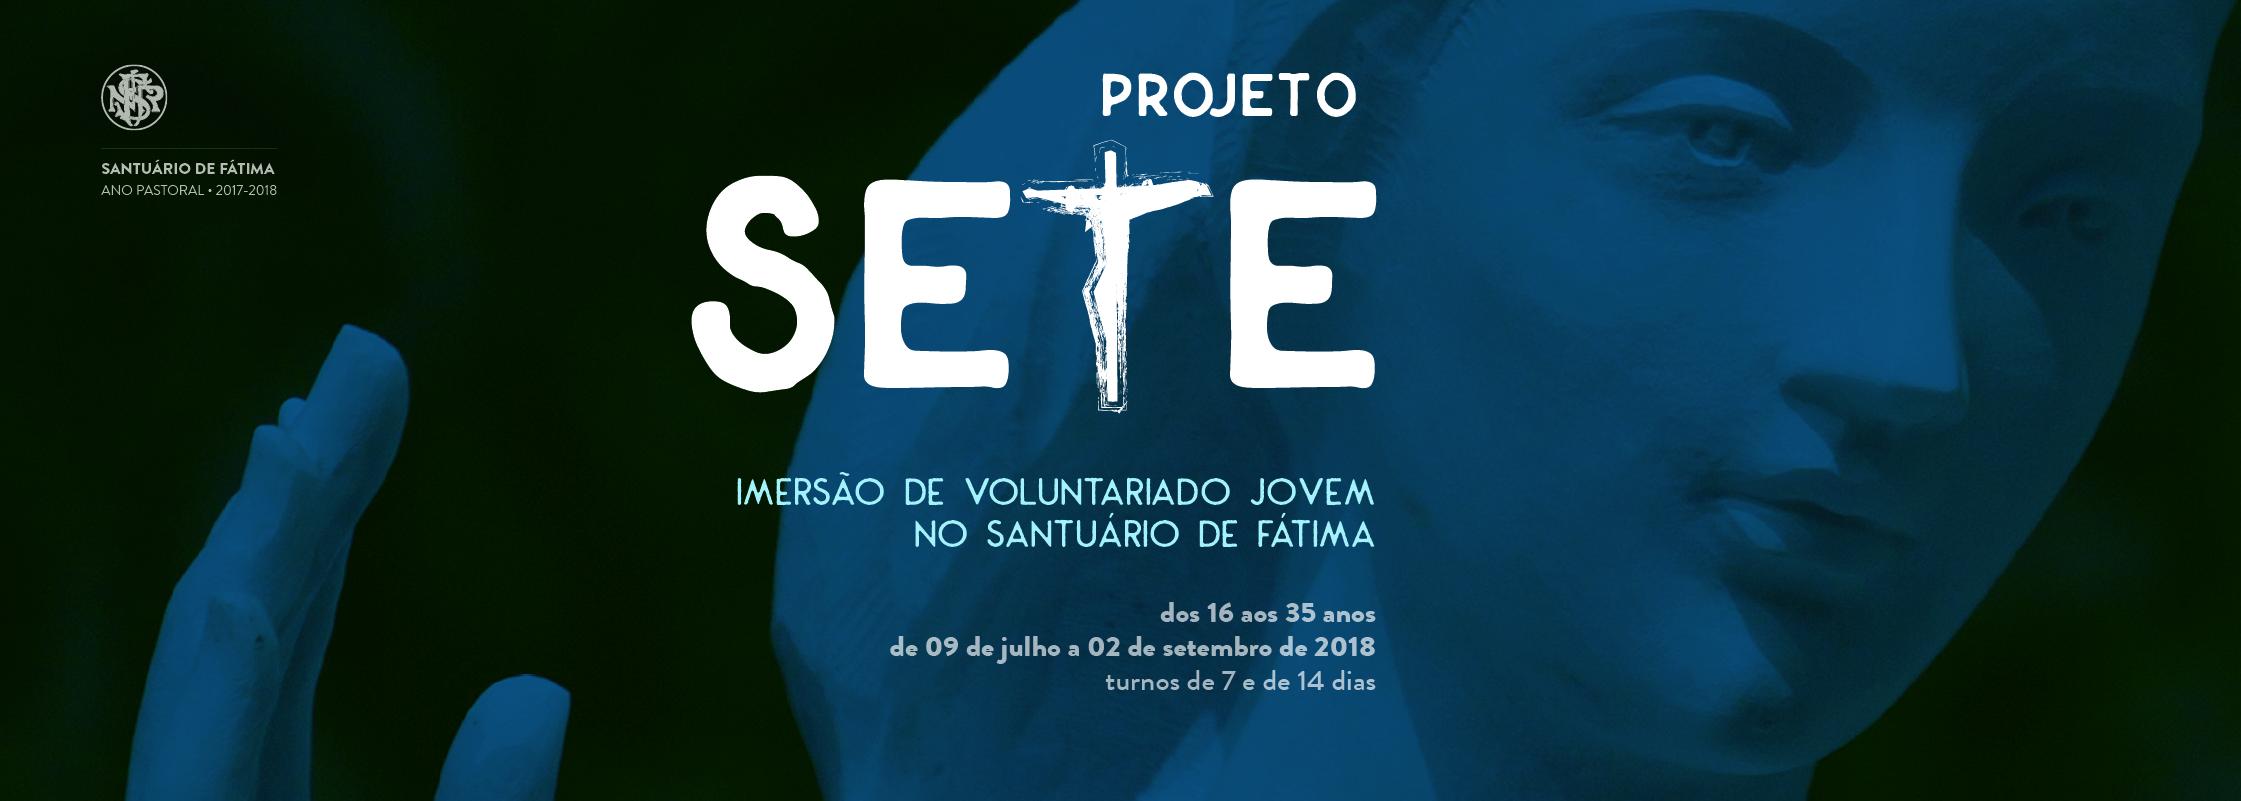 AF_BANNER Projeto Sete@2x.jpg